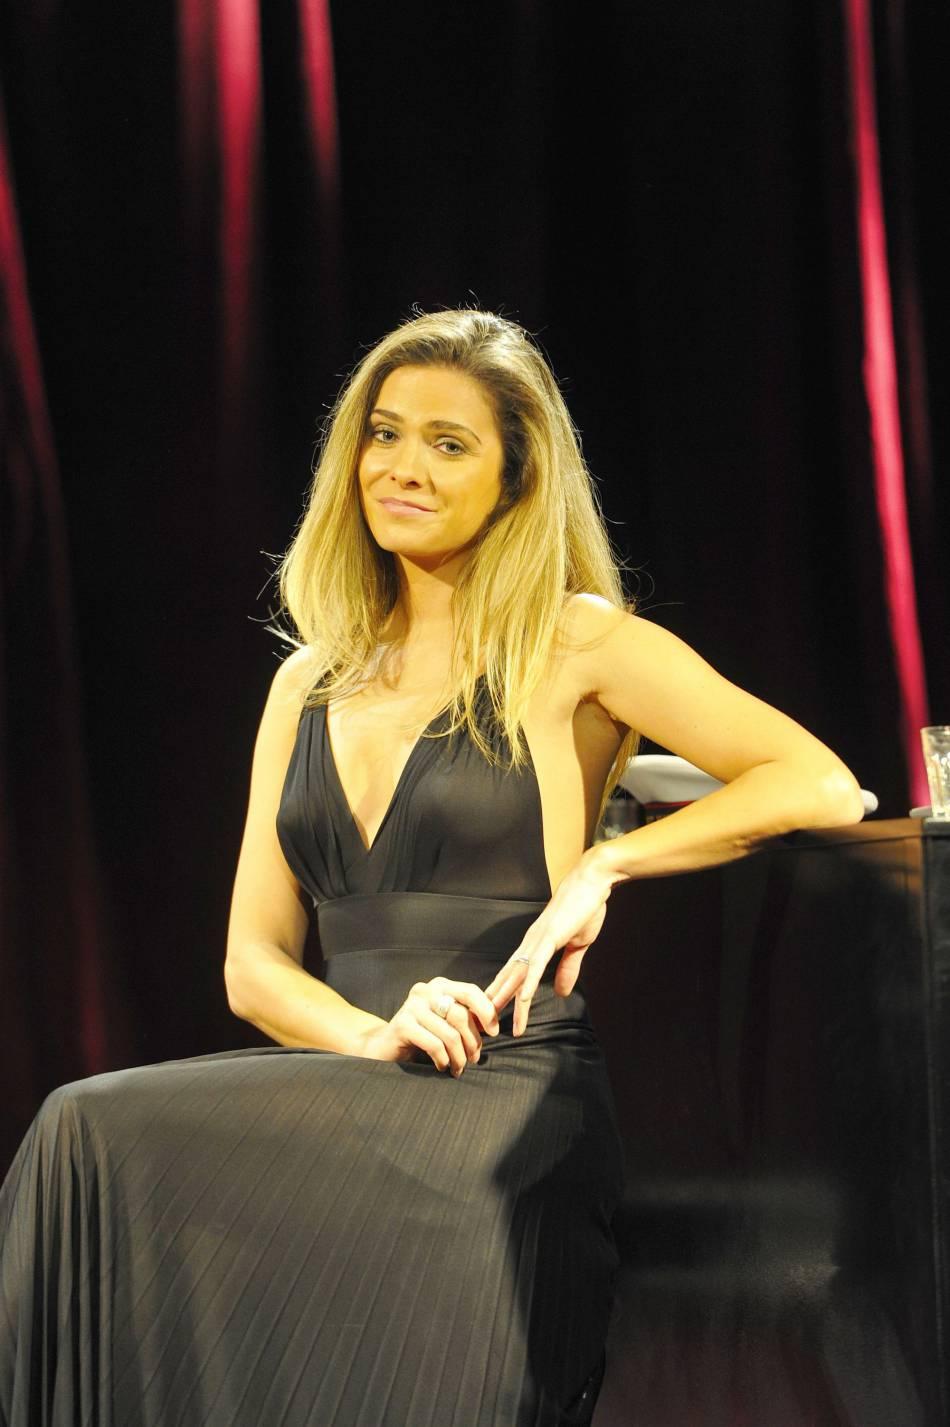 En 2012, Clara Morgane était sur scène. Cette fois, elle met en avant des artistes qu'elle aime dans son petit cabaret.